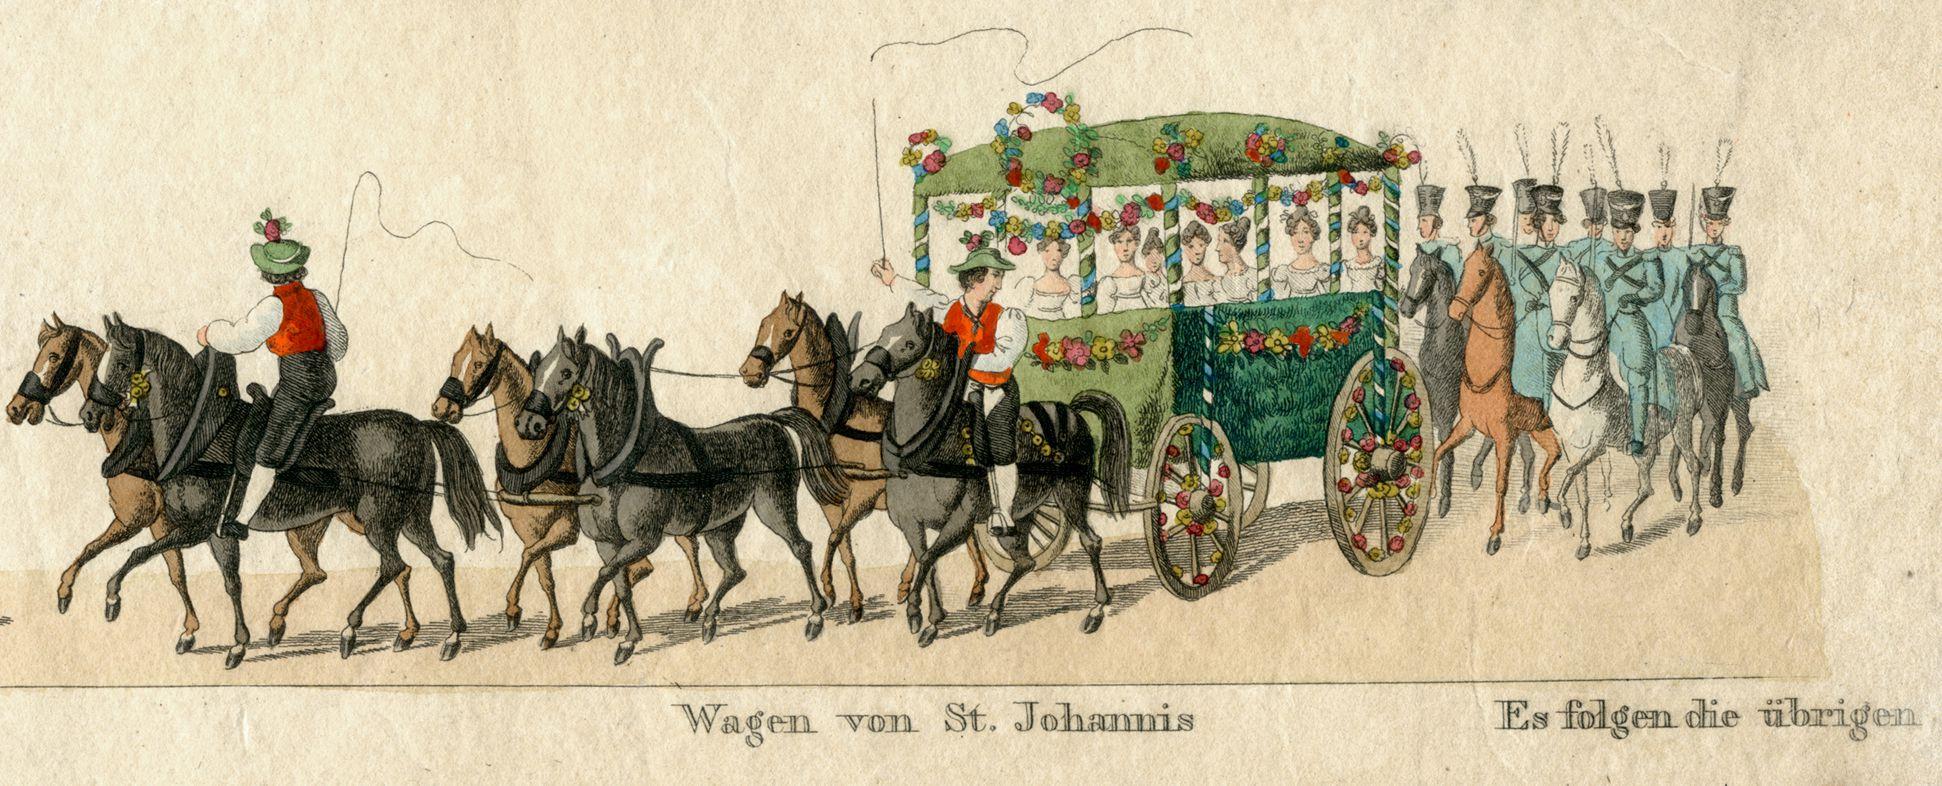 Das Volksfest in Nürnberg. II. vierte Zeile von oben, Wagen von St. Johannis